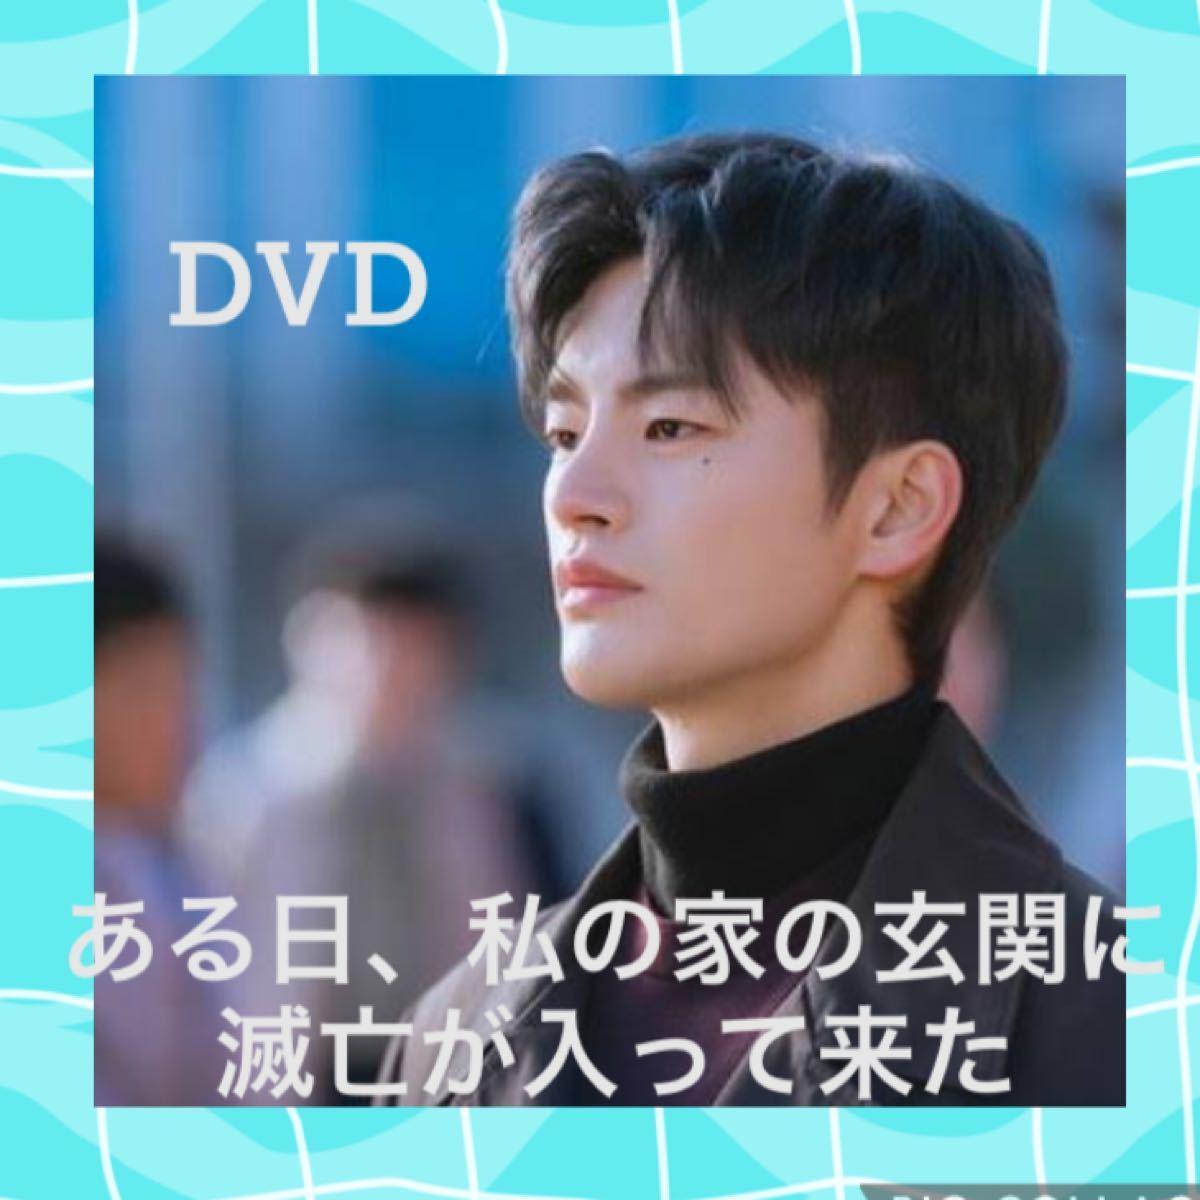 韓国ドラマ ある日、私の家の玄関に滅亡が入ってきた DVD全話【レーベル印刷あり】